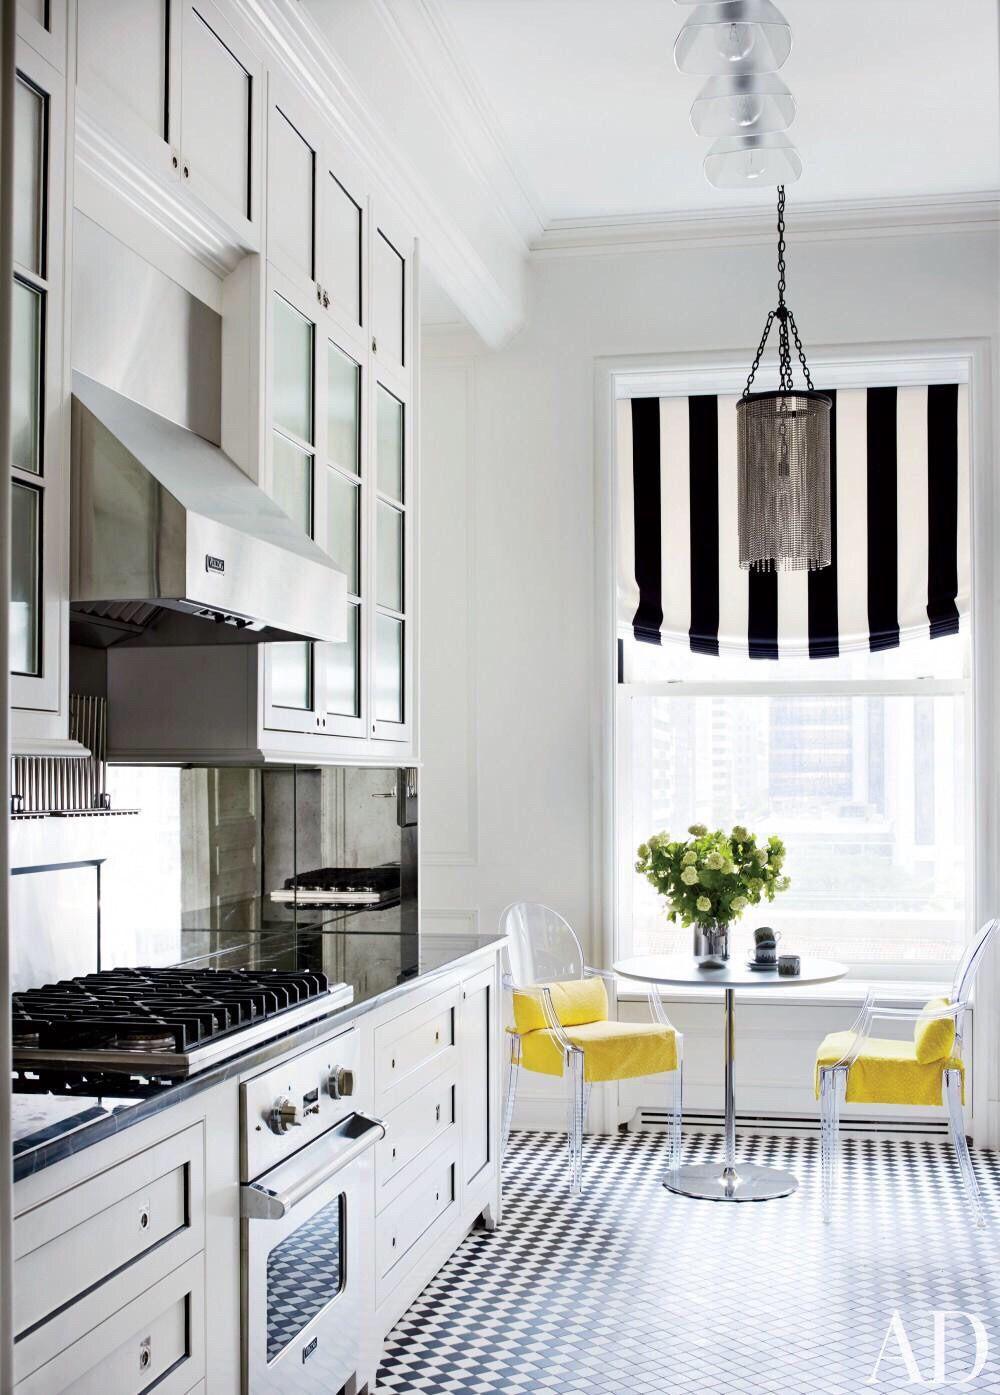 キッチンの黄色なアクセントカラー | decor→kitchen | pinterest